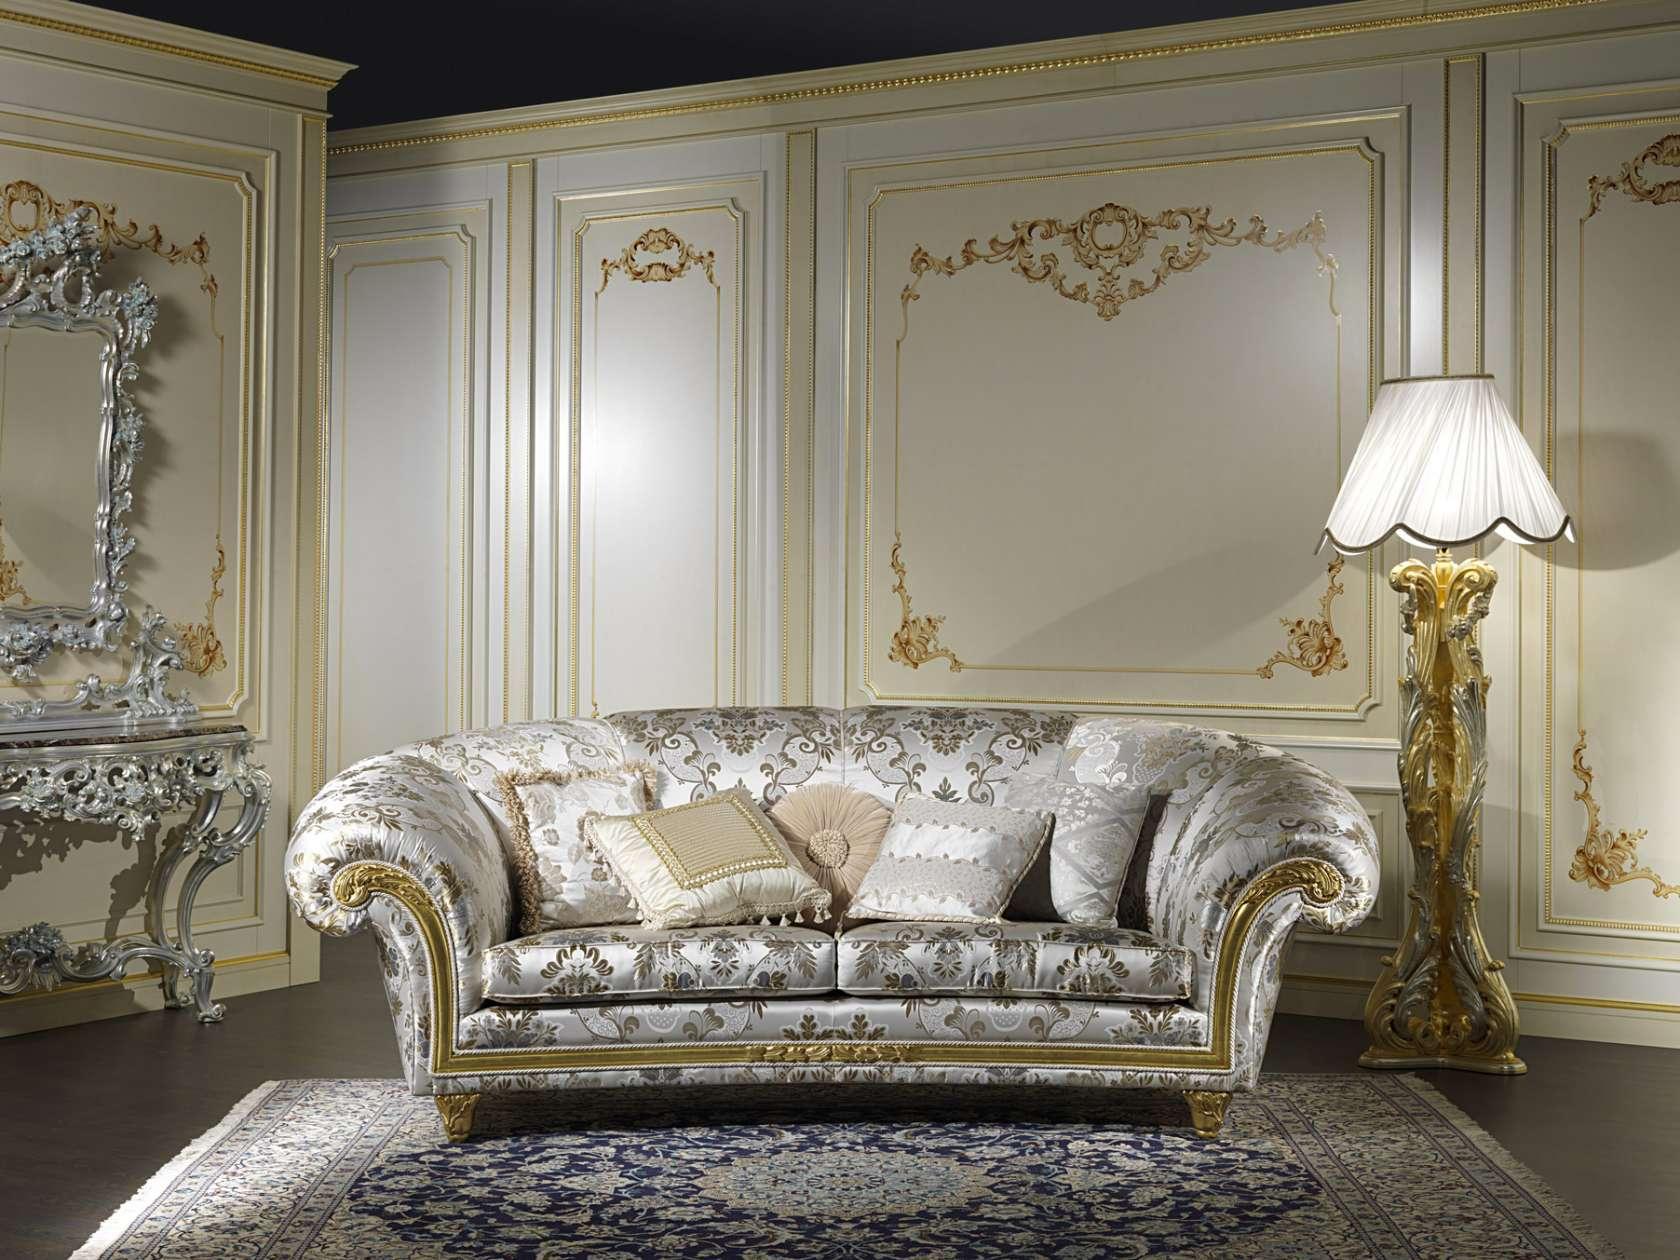 Mobili per salotto in stile classico palace vimercati meda - Mobili per salotto classico ...